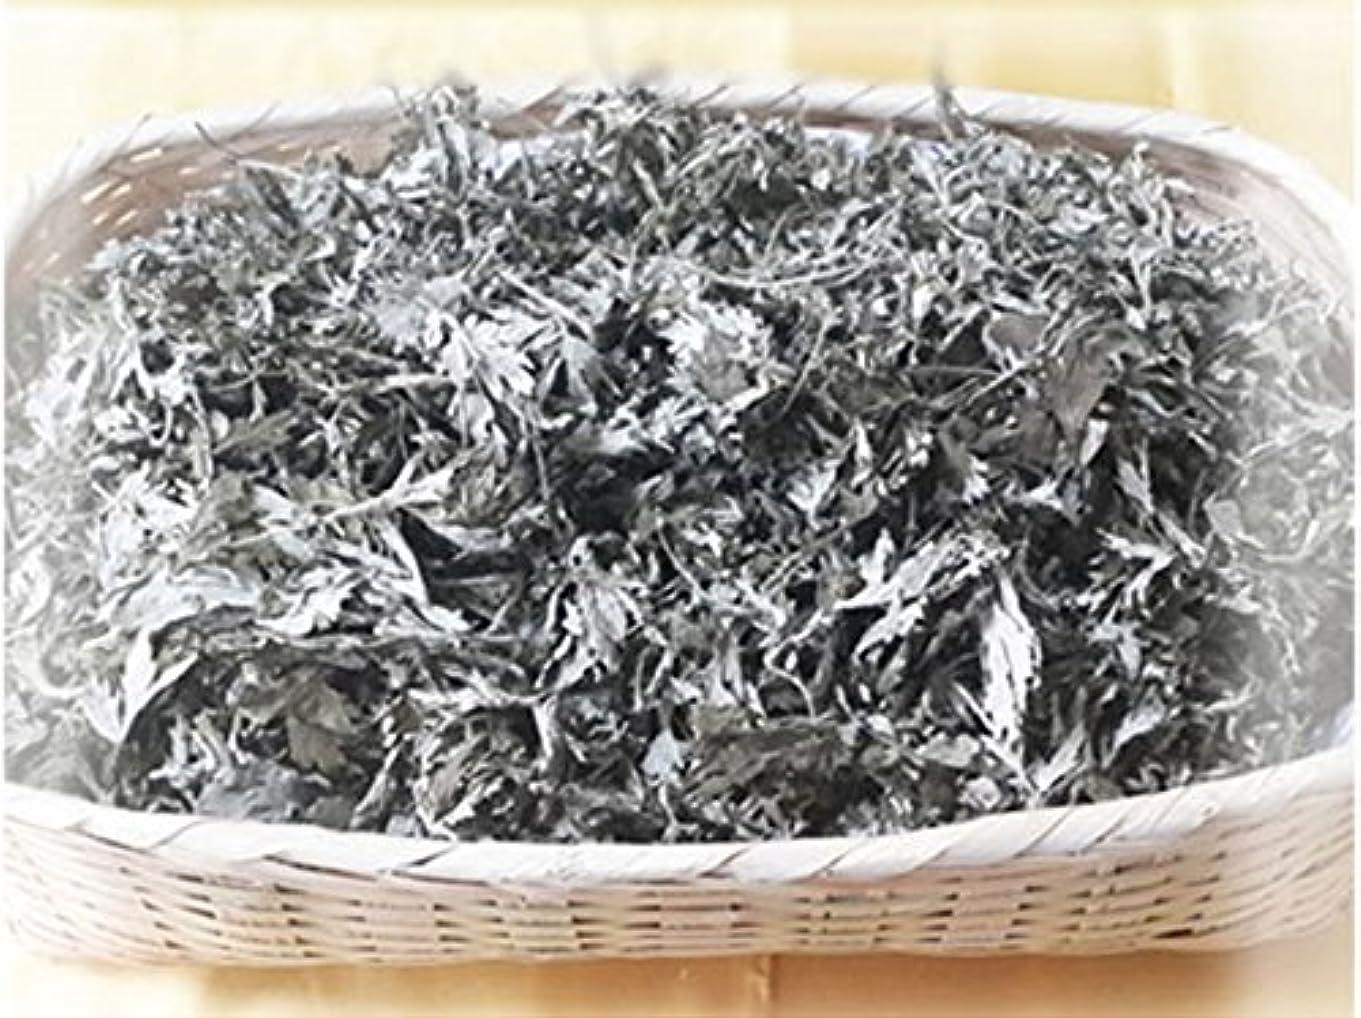 矢ウサギ年次ヨモギ蒸し材料100%ヨモギ300グラム、、ヨモギ蒸し材料と入浴剤として